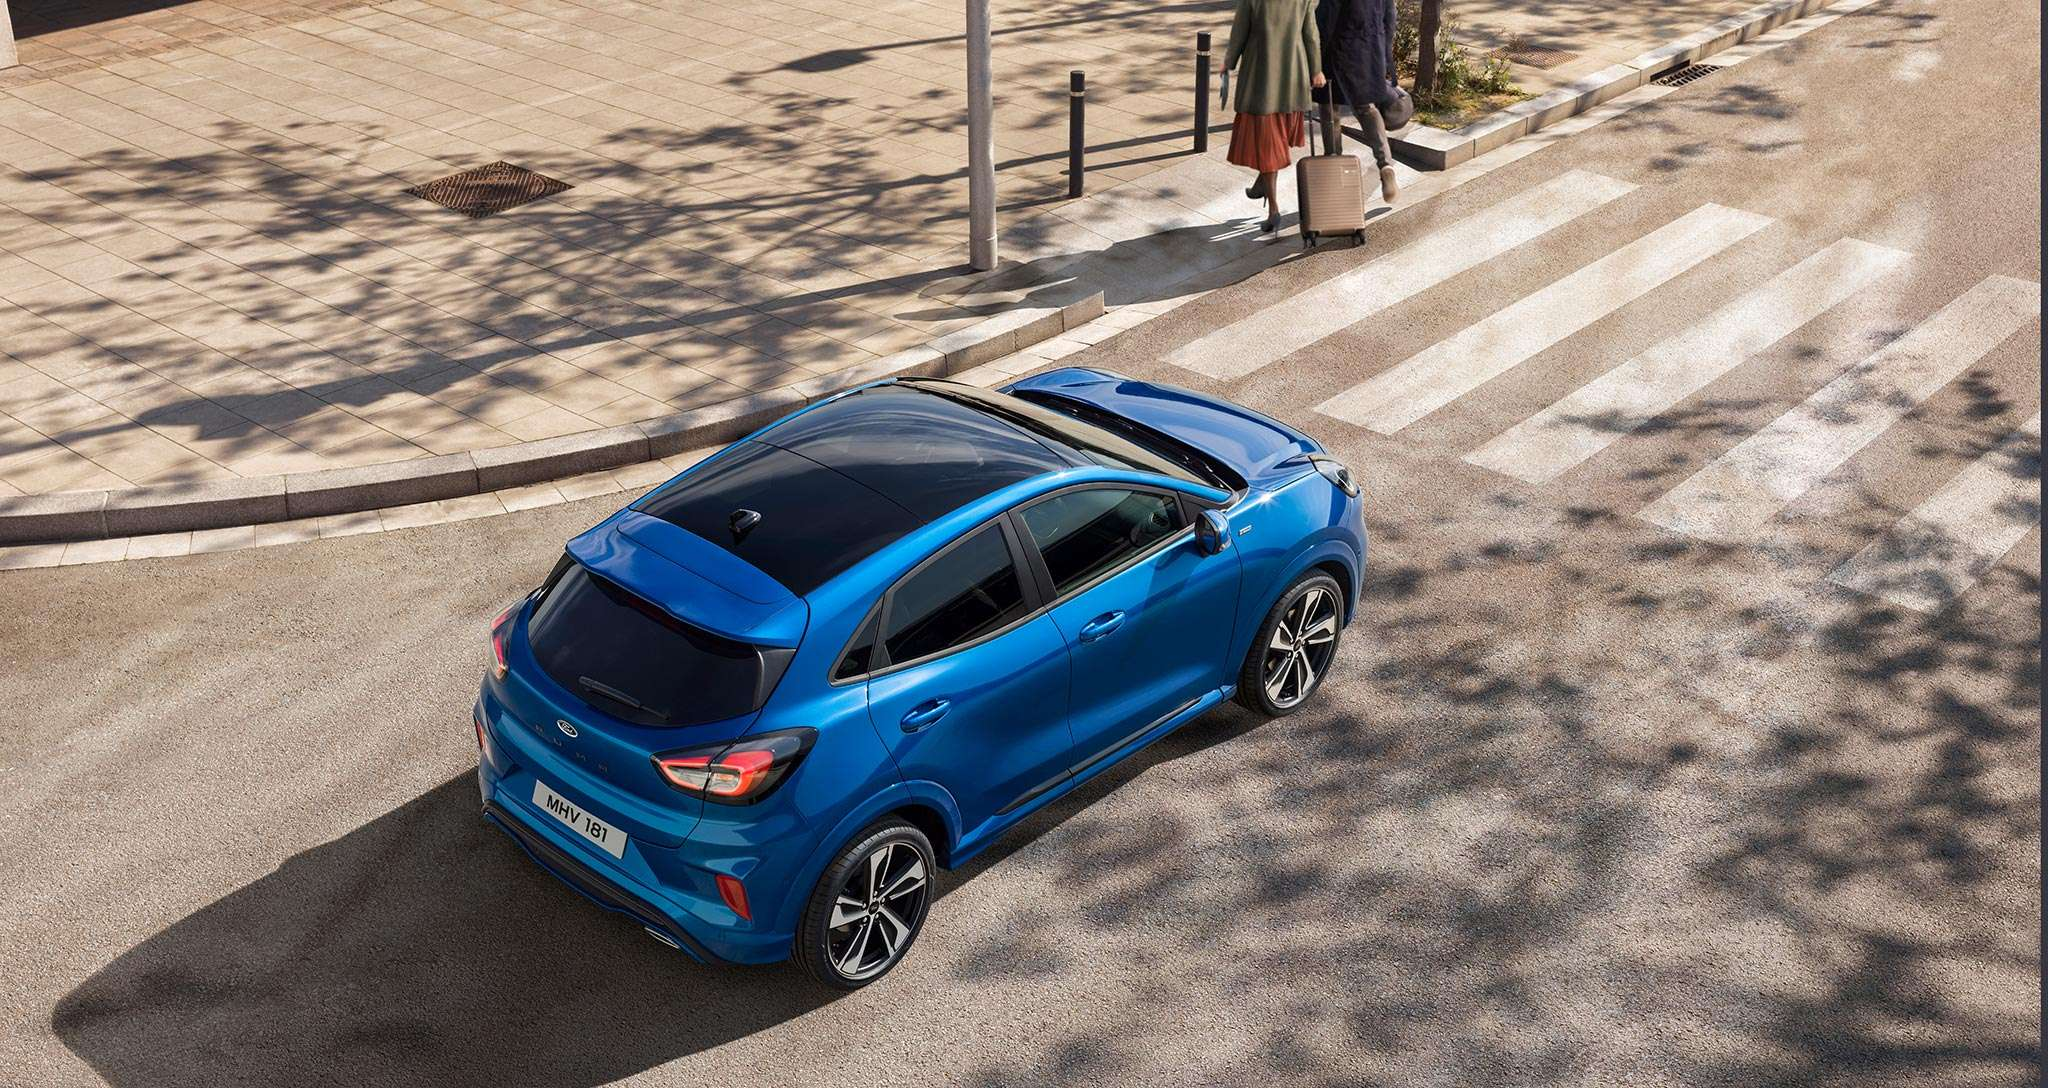 ford puma 2020 ford puma suv ford puma price ford puma interior ford puma pictures